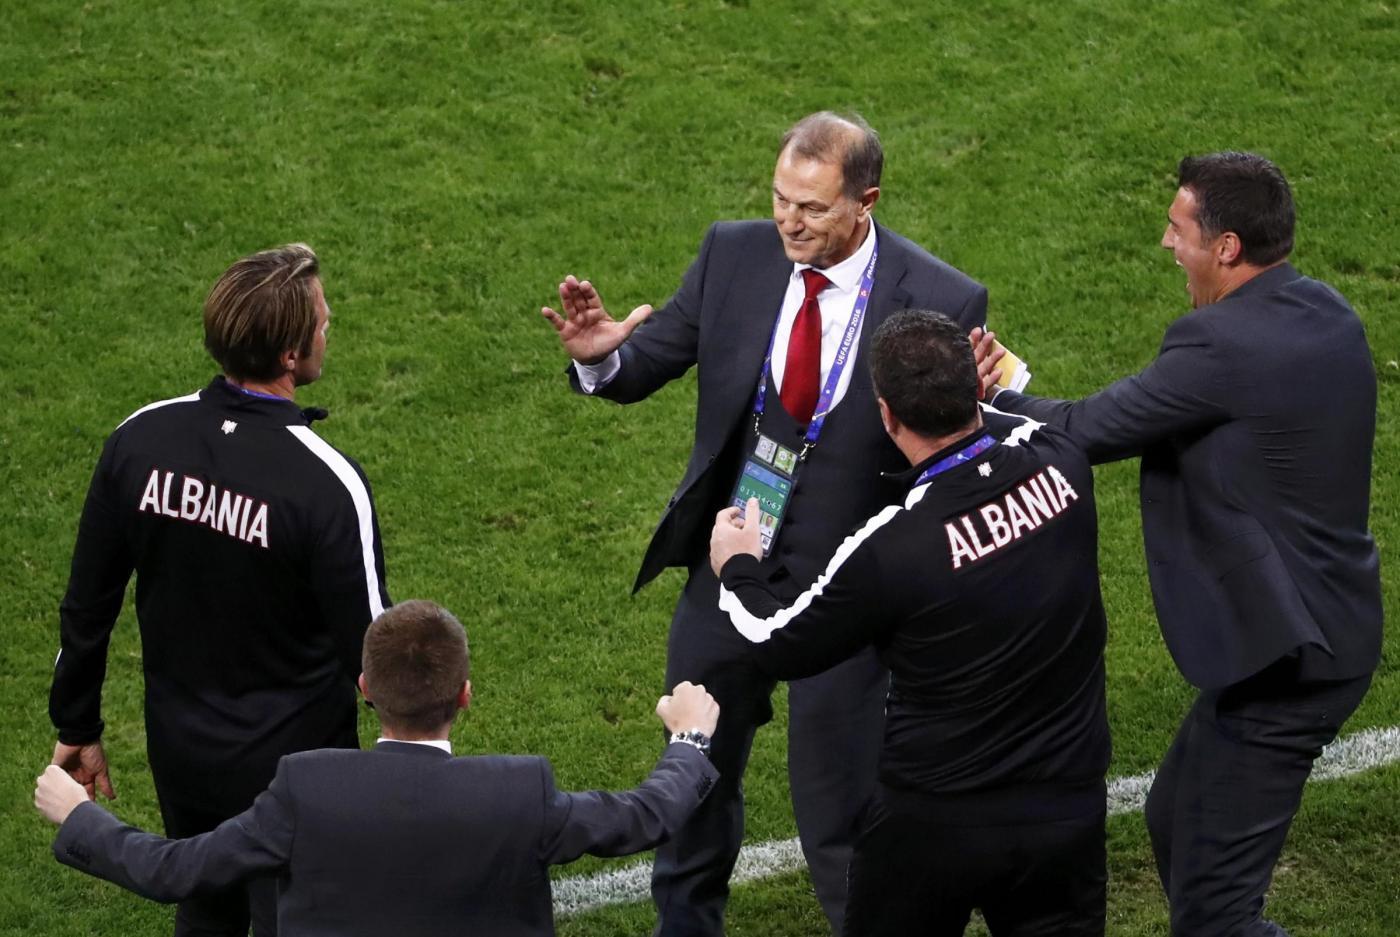 De Biasi, ufficiale l'addio all'Albania: